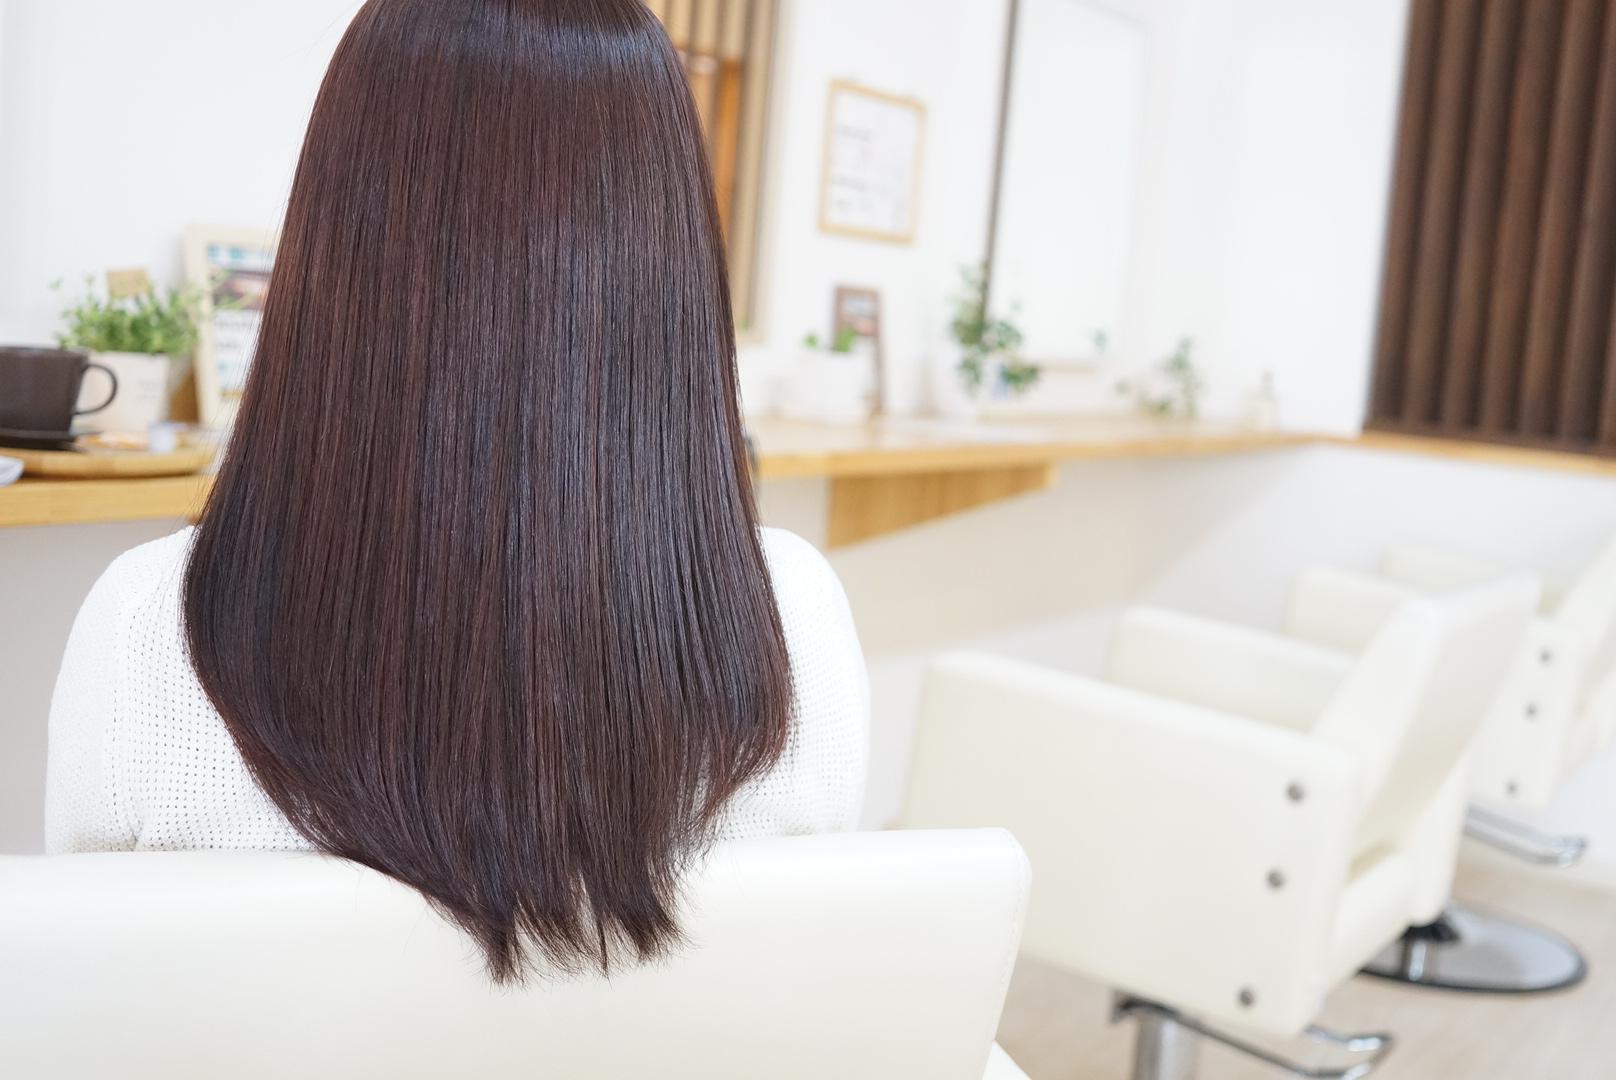 ヘアカラーピンクアッシュ美髪